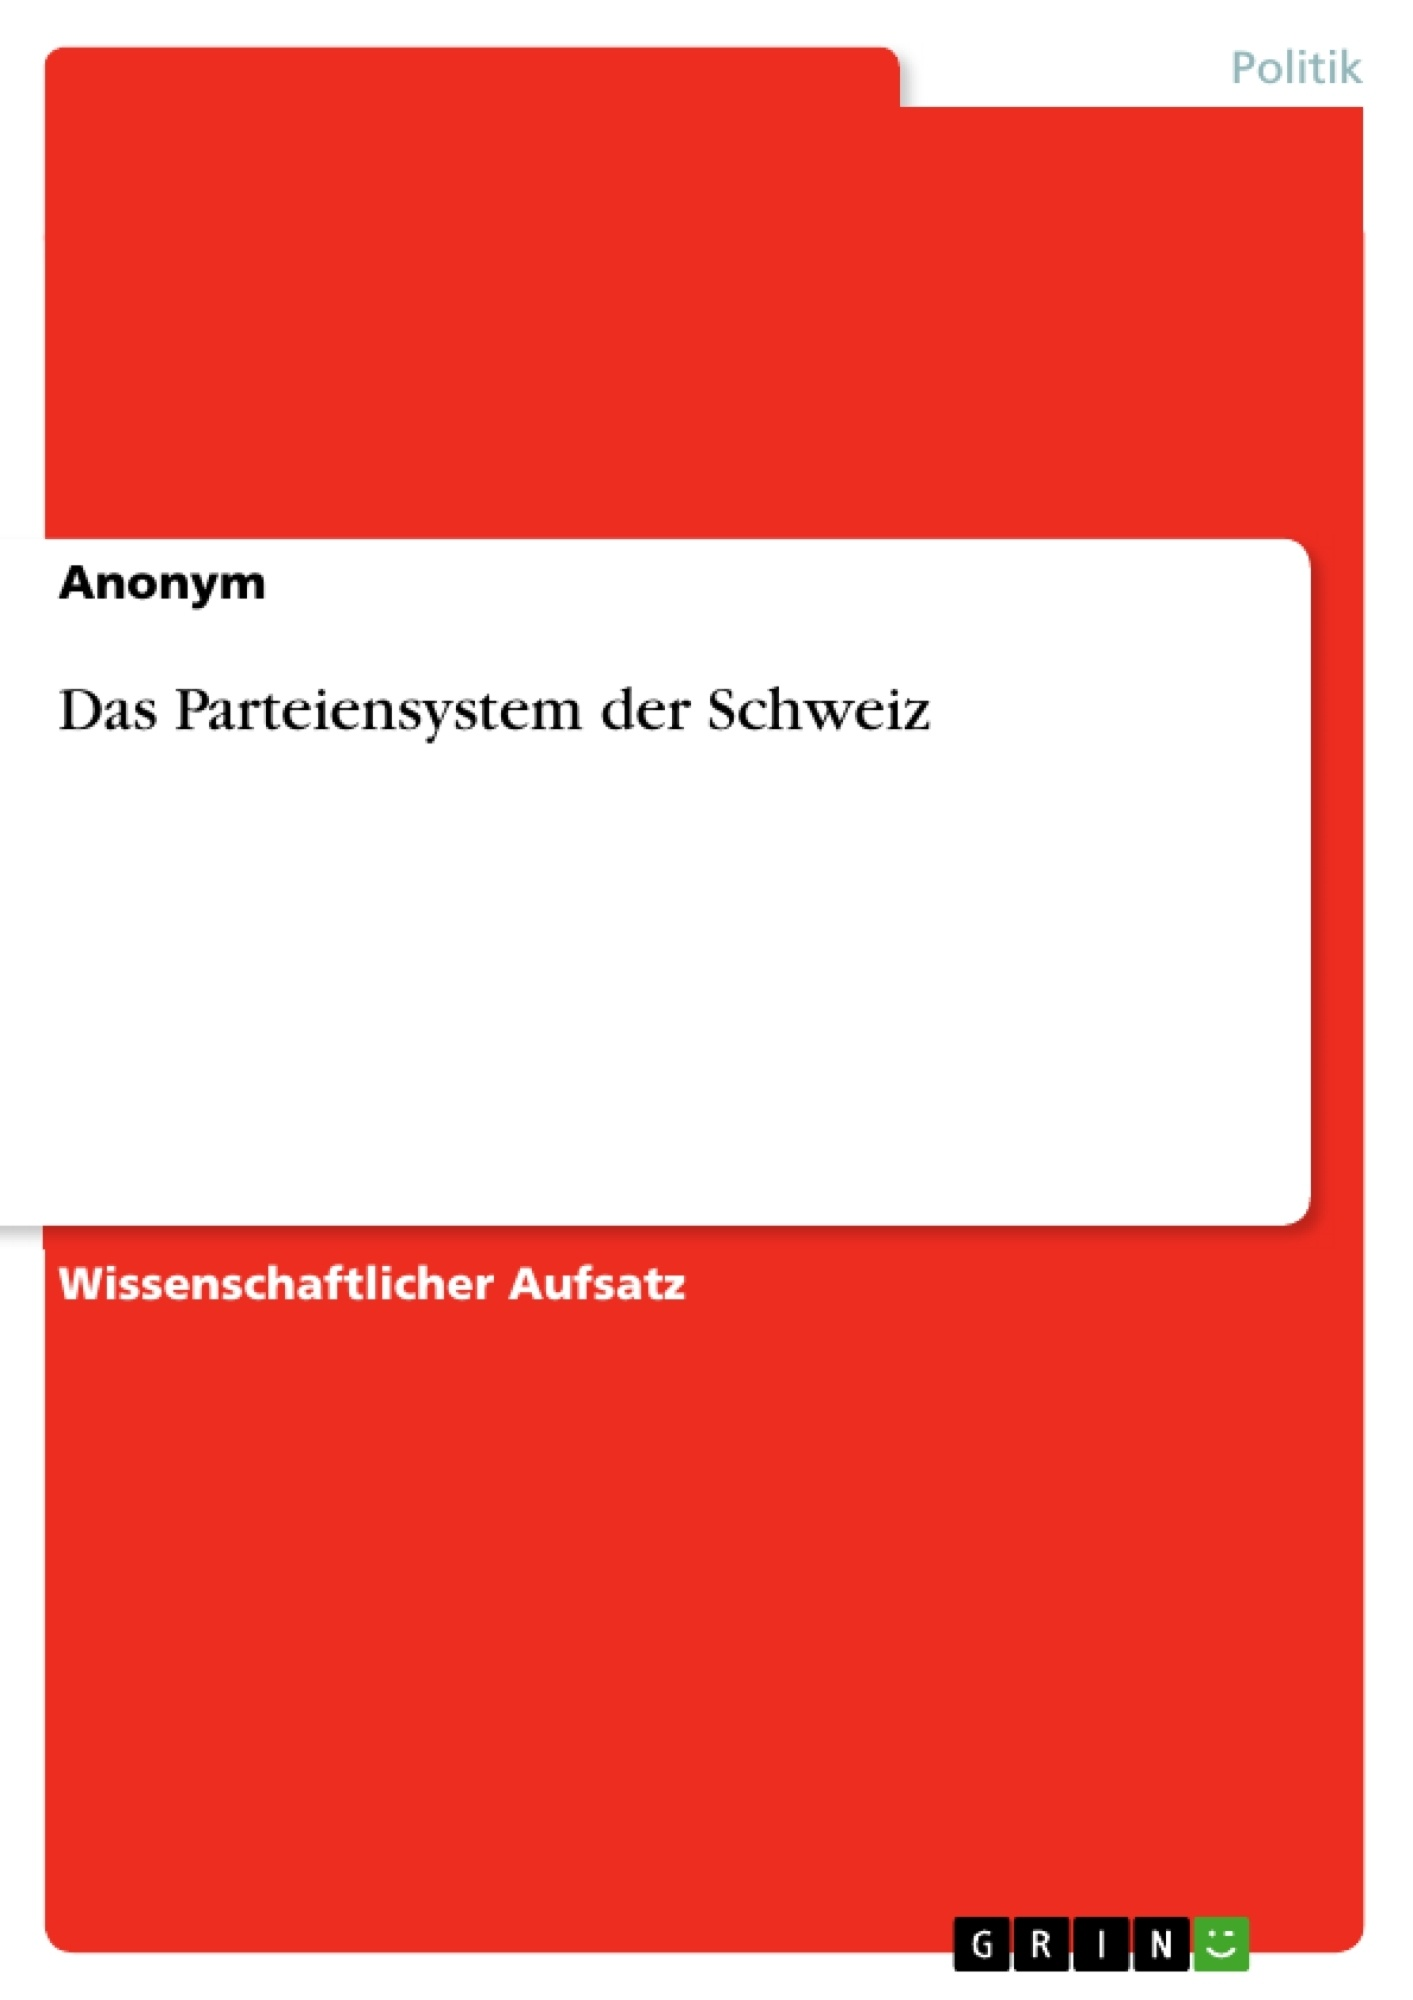 Titel: Das Parteiensystem der Schweiz